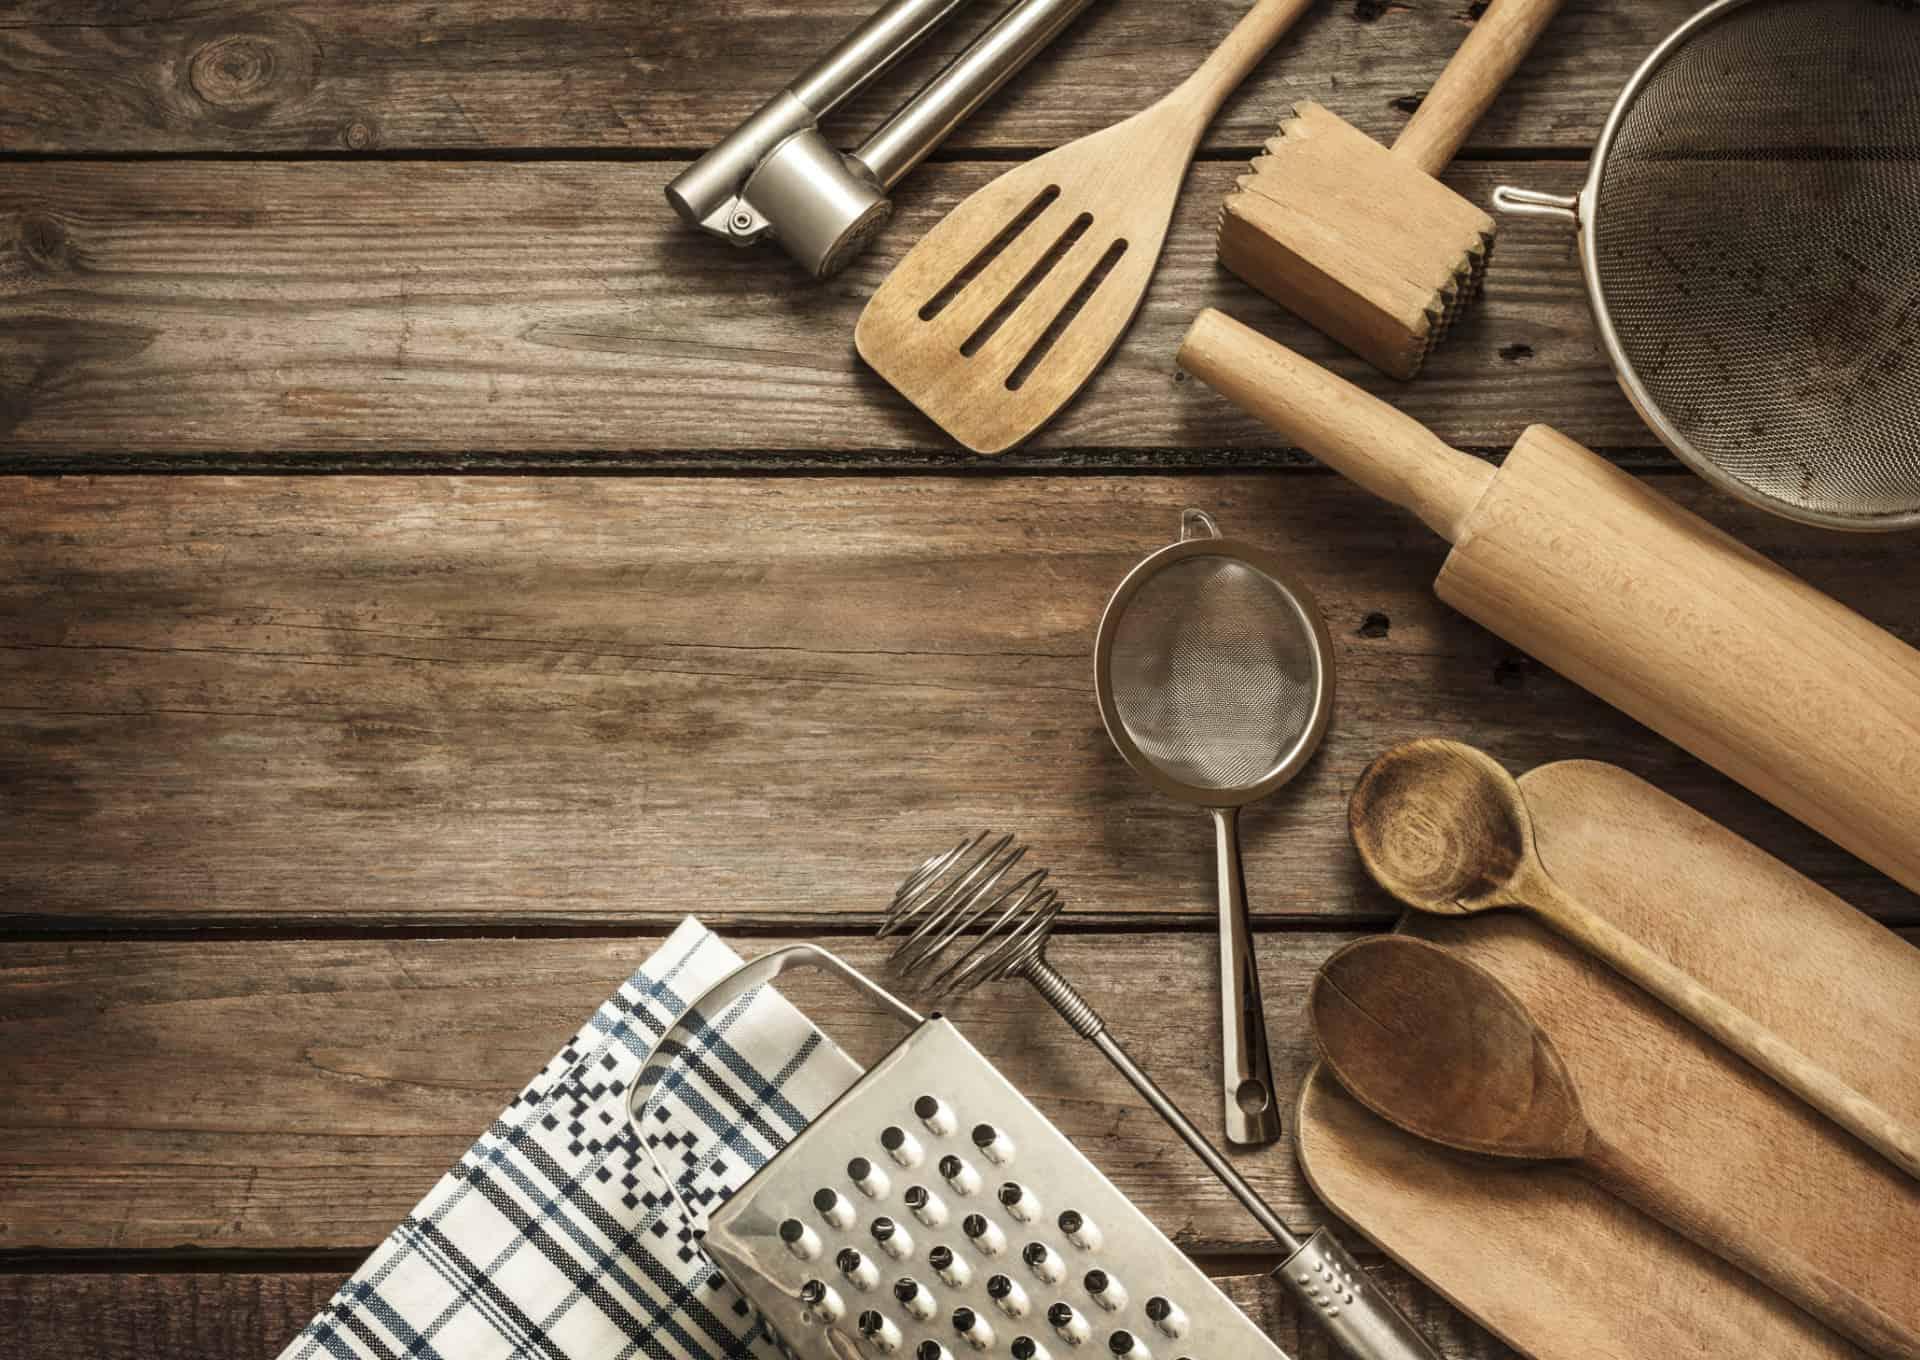 بالصور ادوات منزلية , اغراض منزلية لا يمكن الاستغناء عنها 2668 2